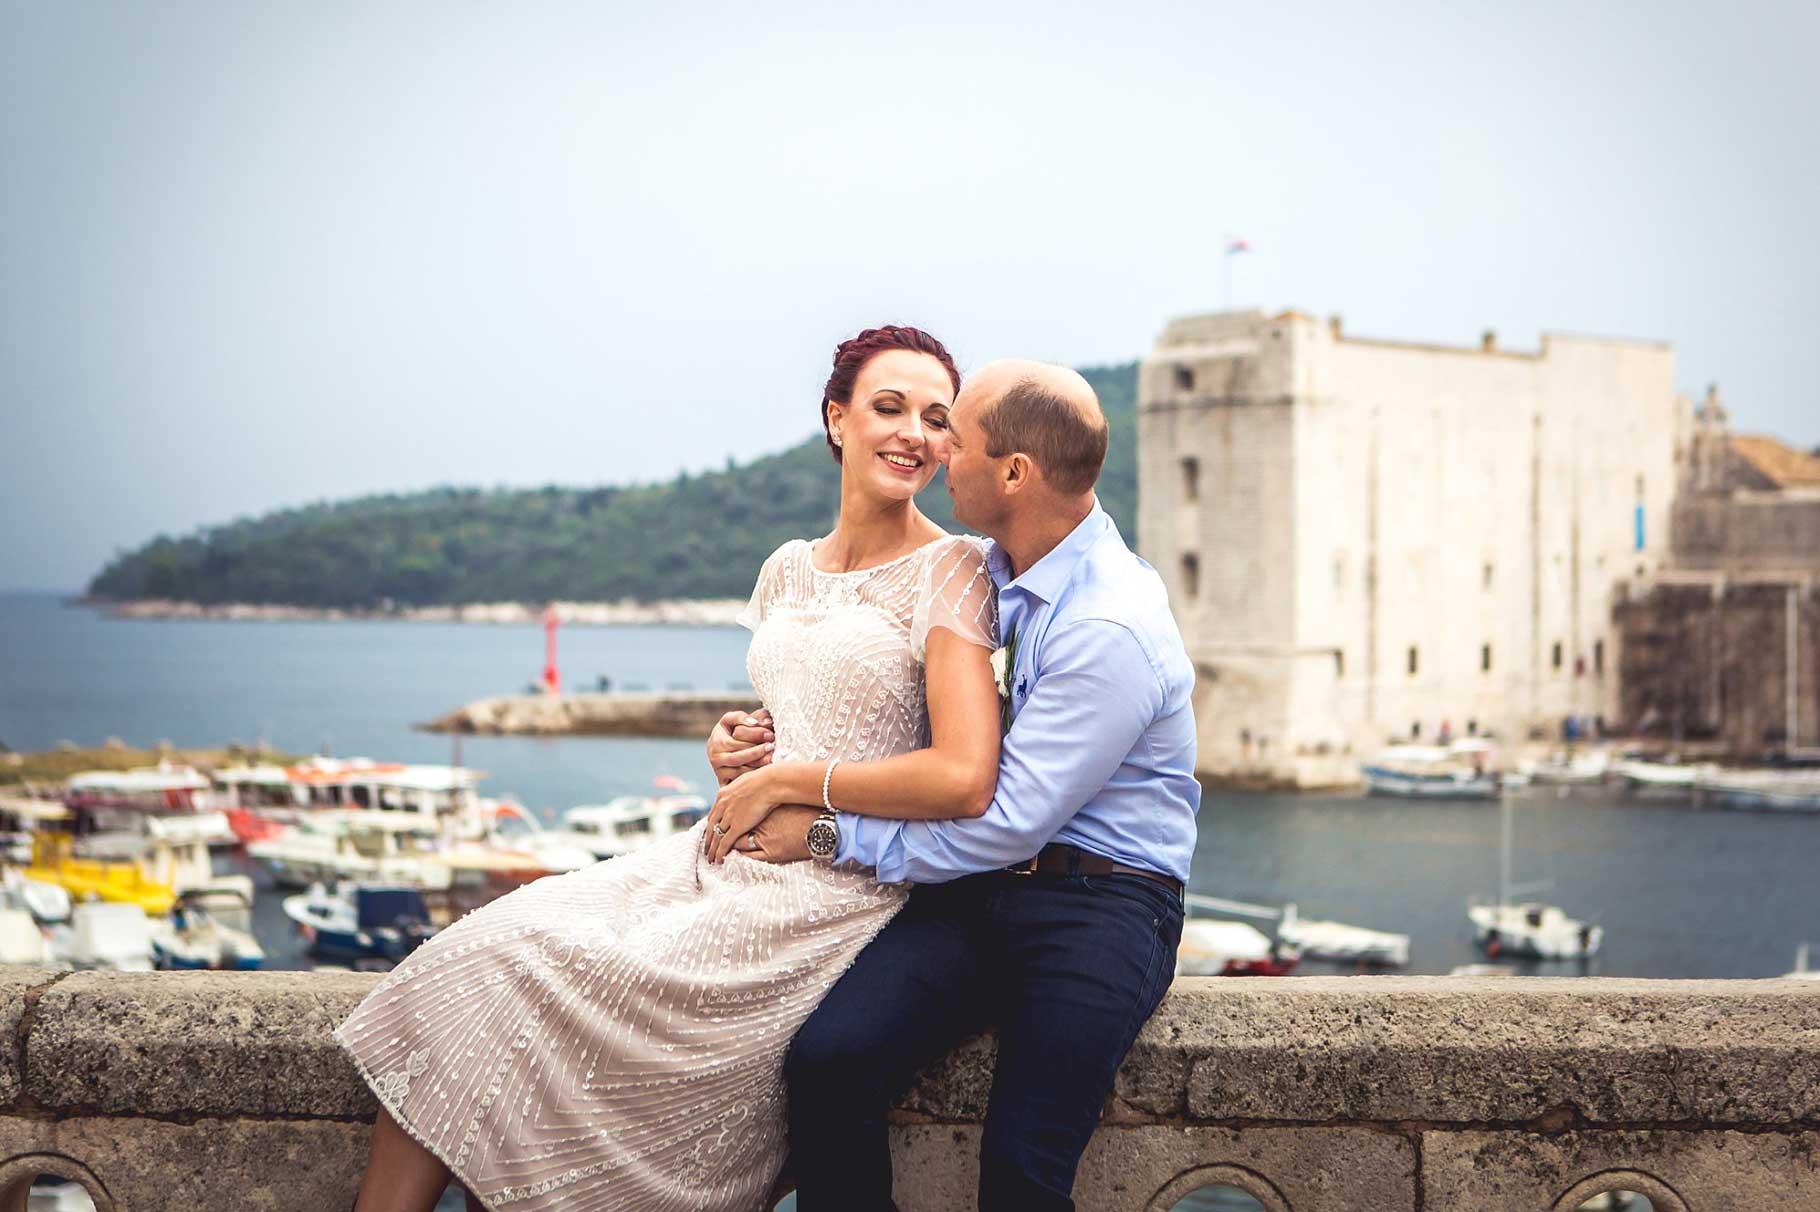 elate-photography-euegene-helgo-wanda-wedding-thumbnail